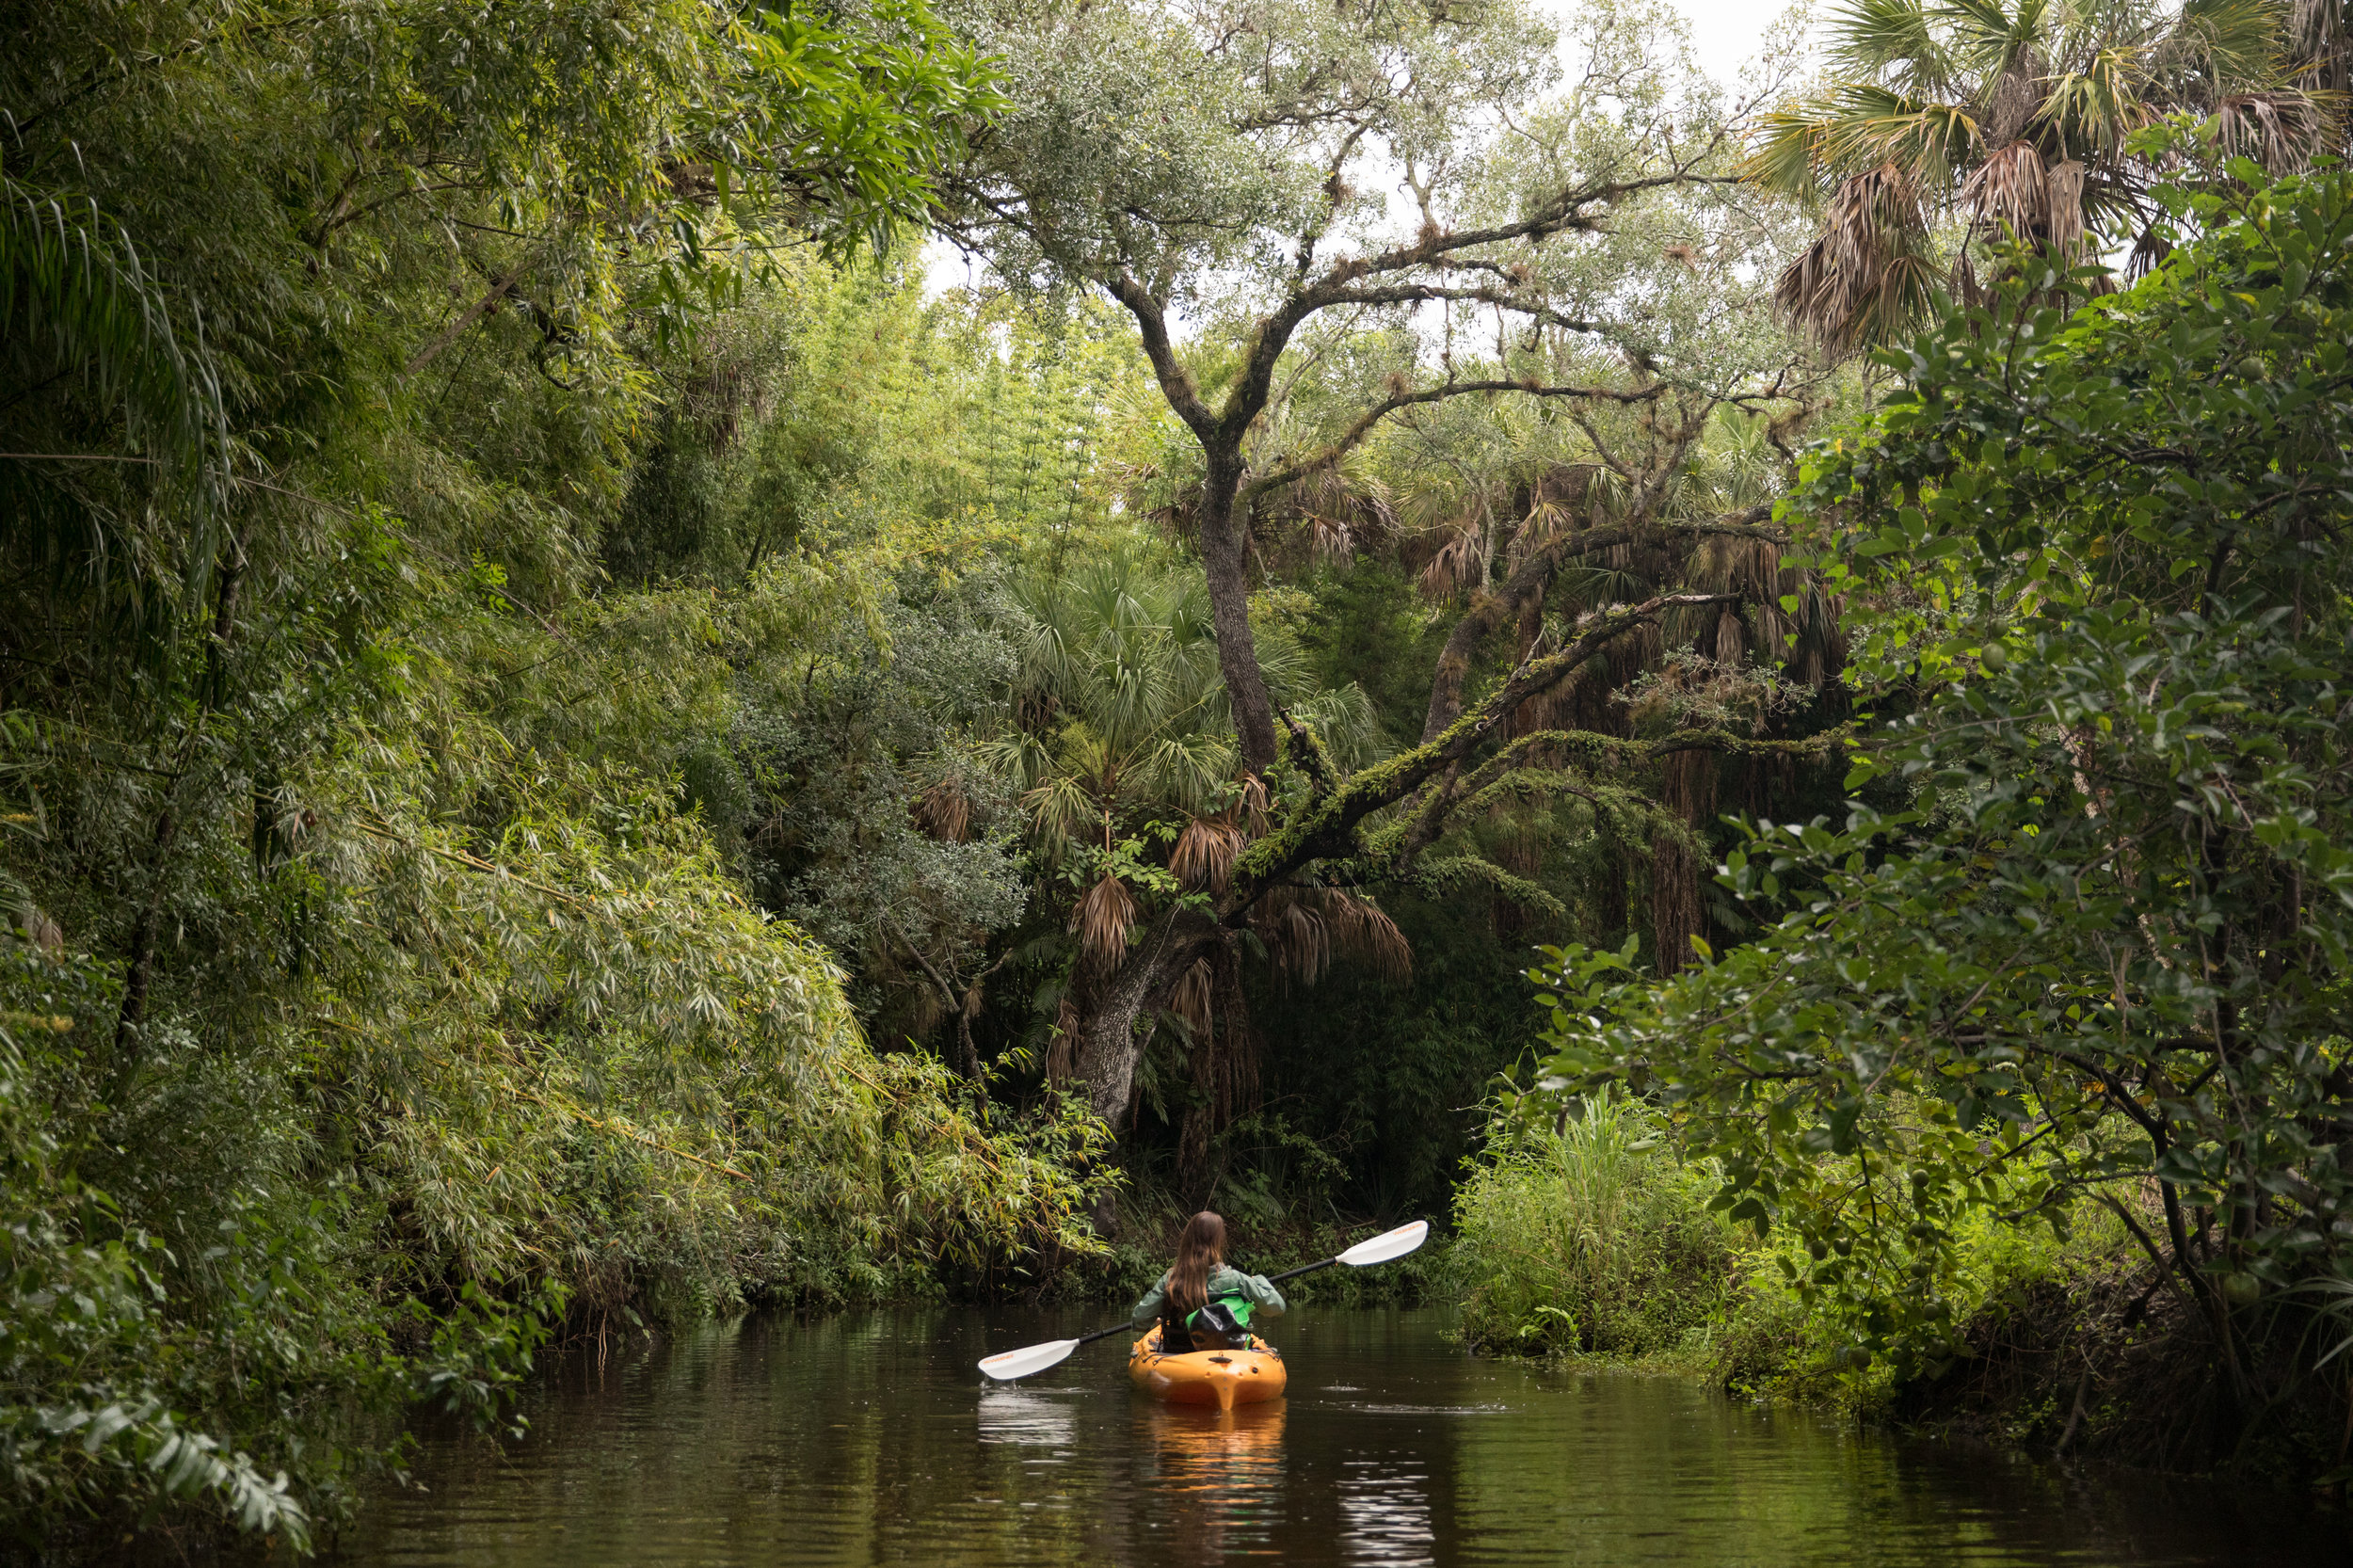 Florida-ElenaPressprich-118.jpg